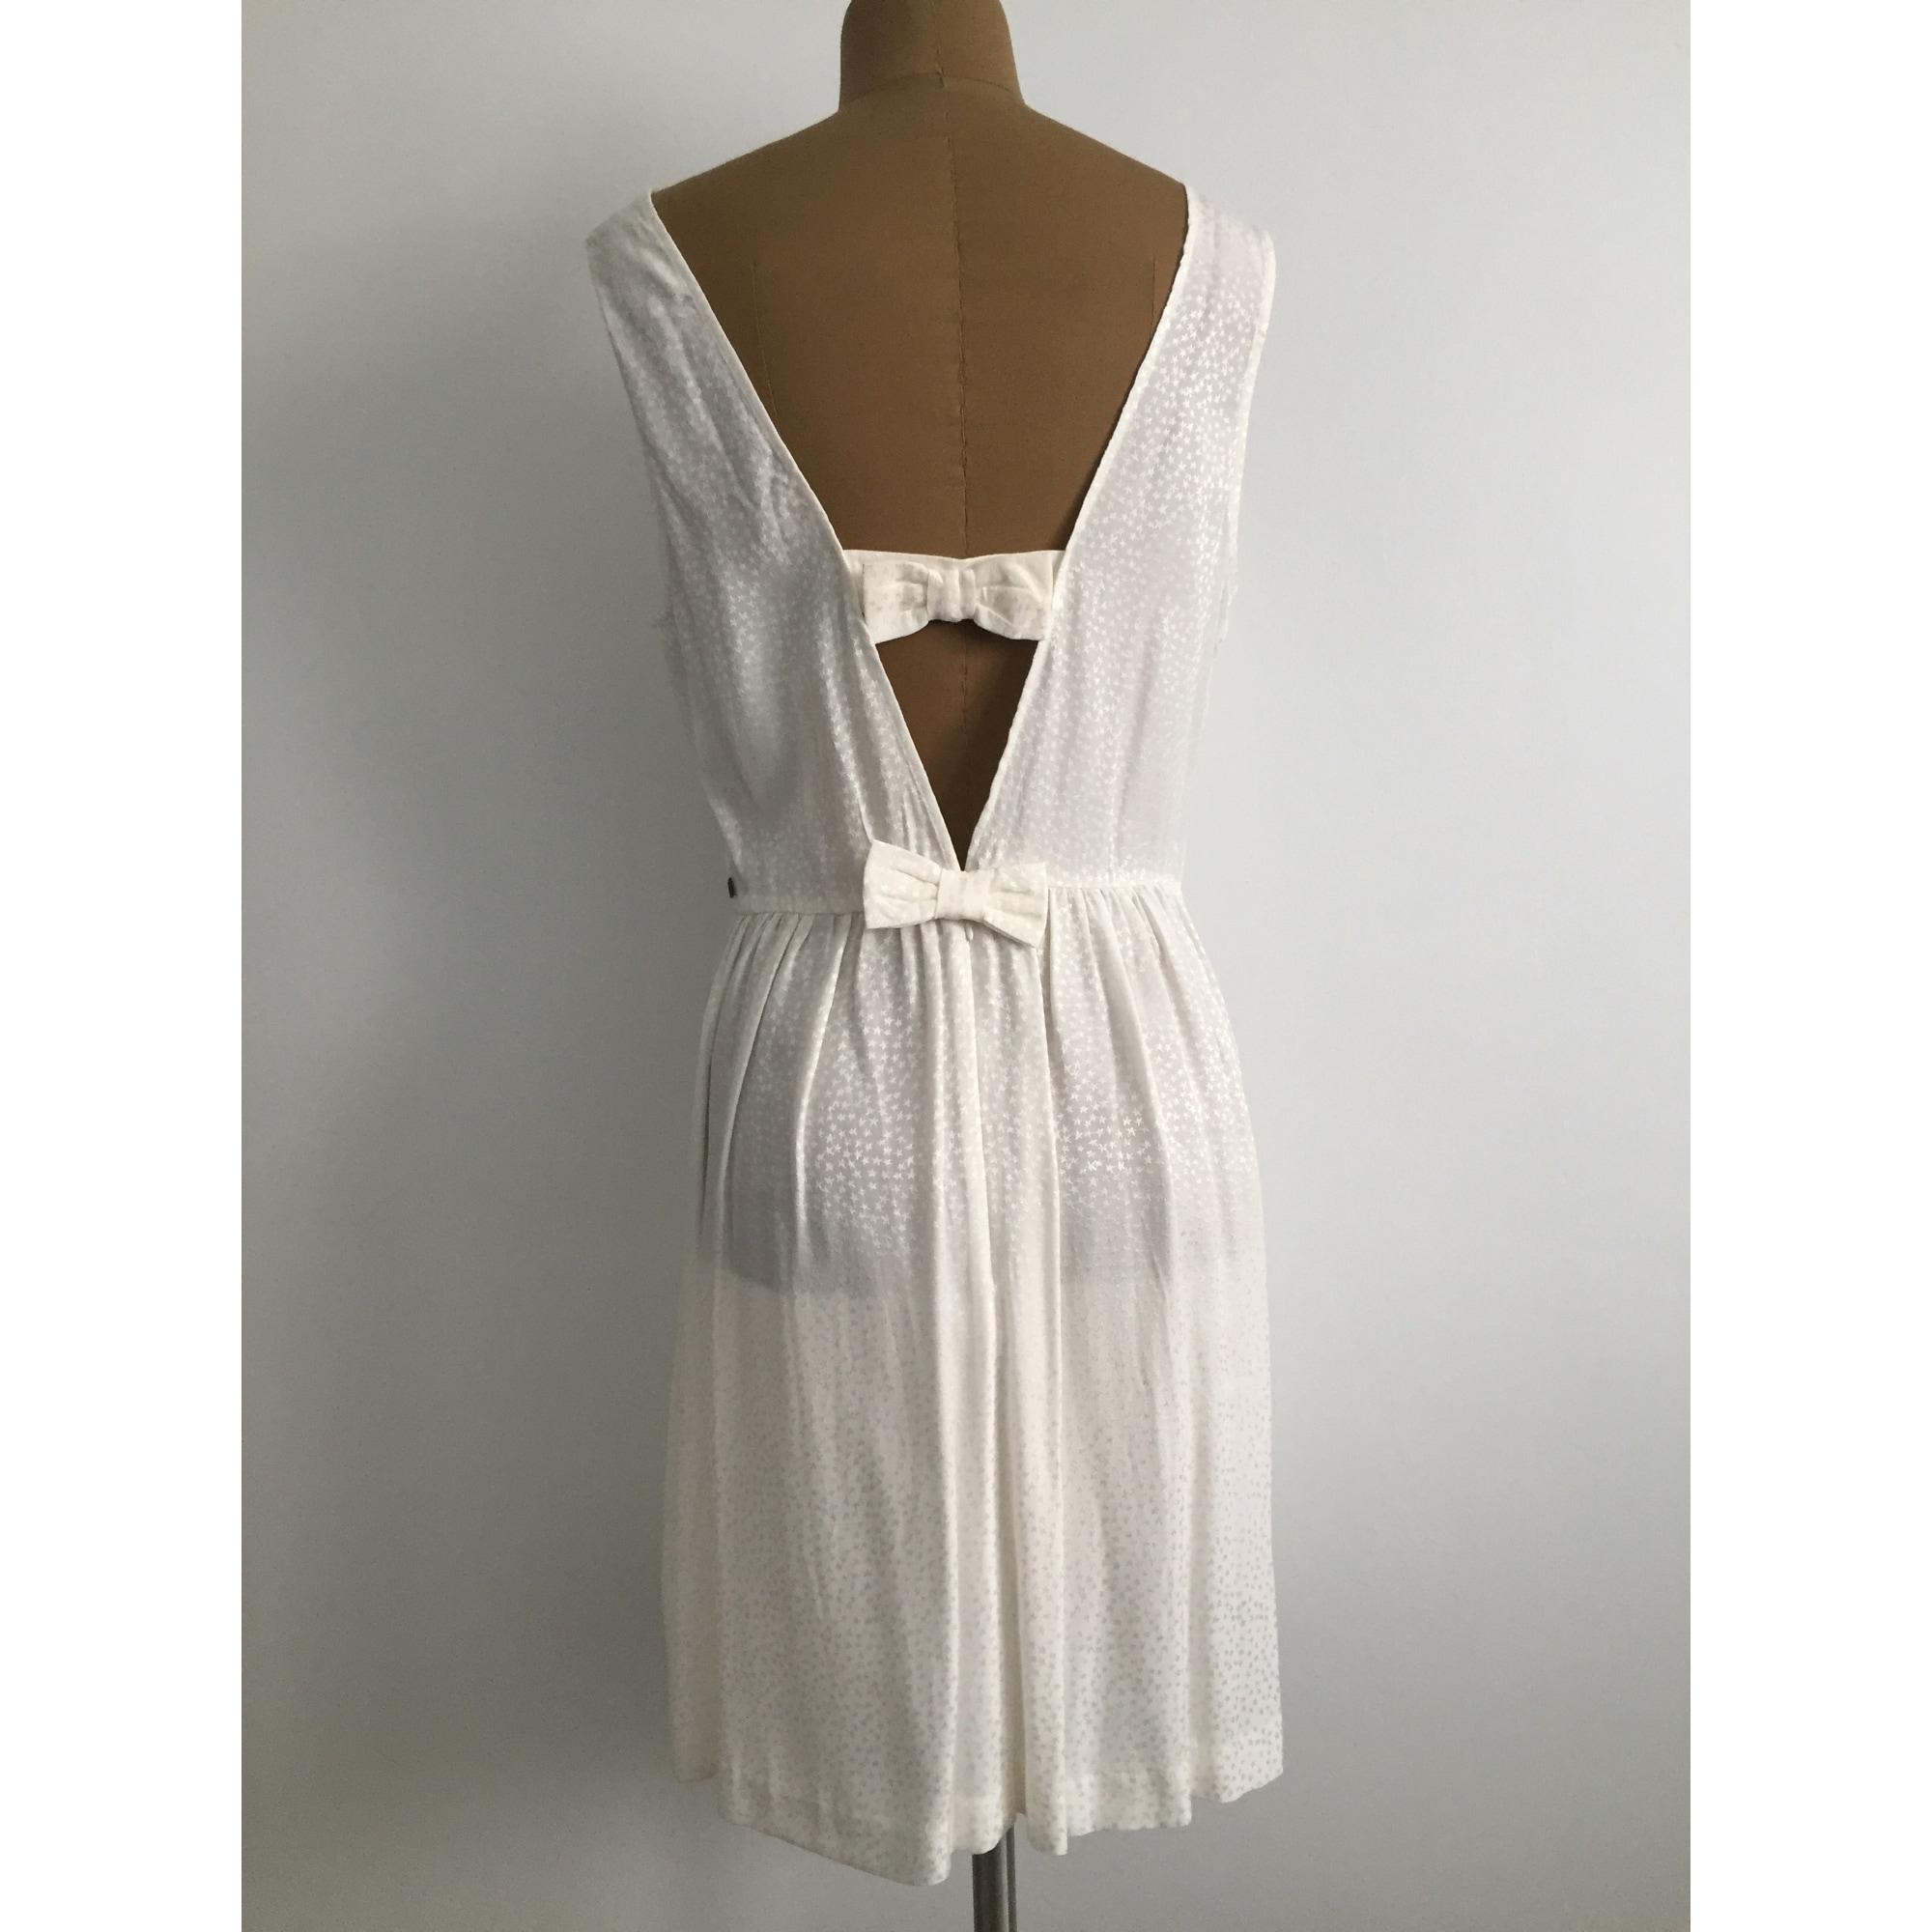 Robe courte I. CODE Blanc, blanc cassé, écru